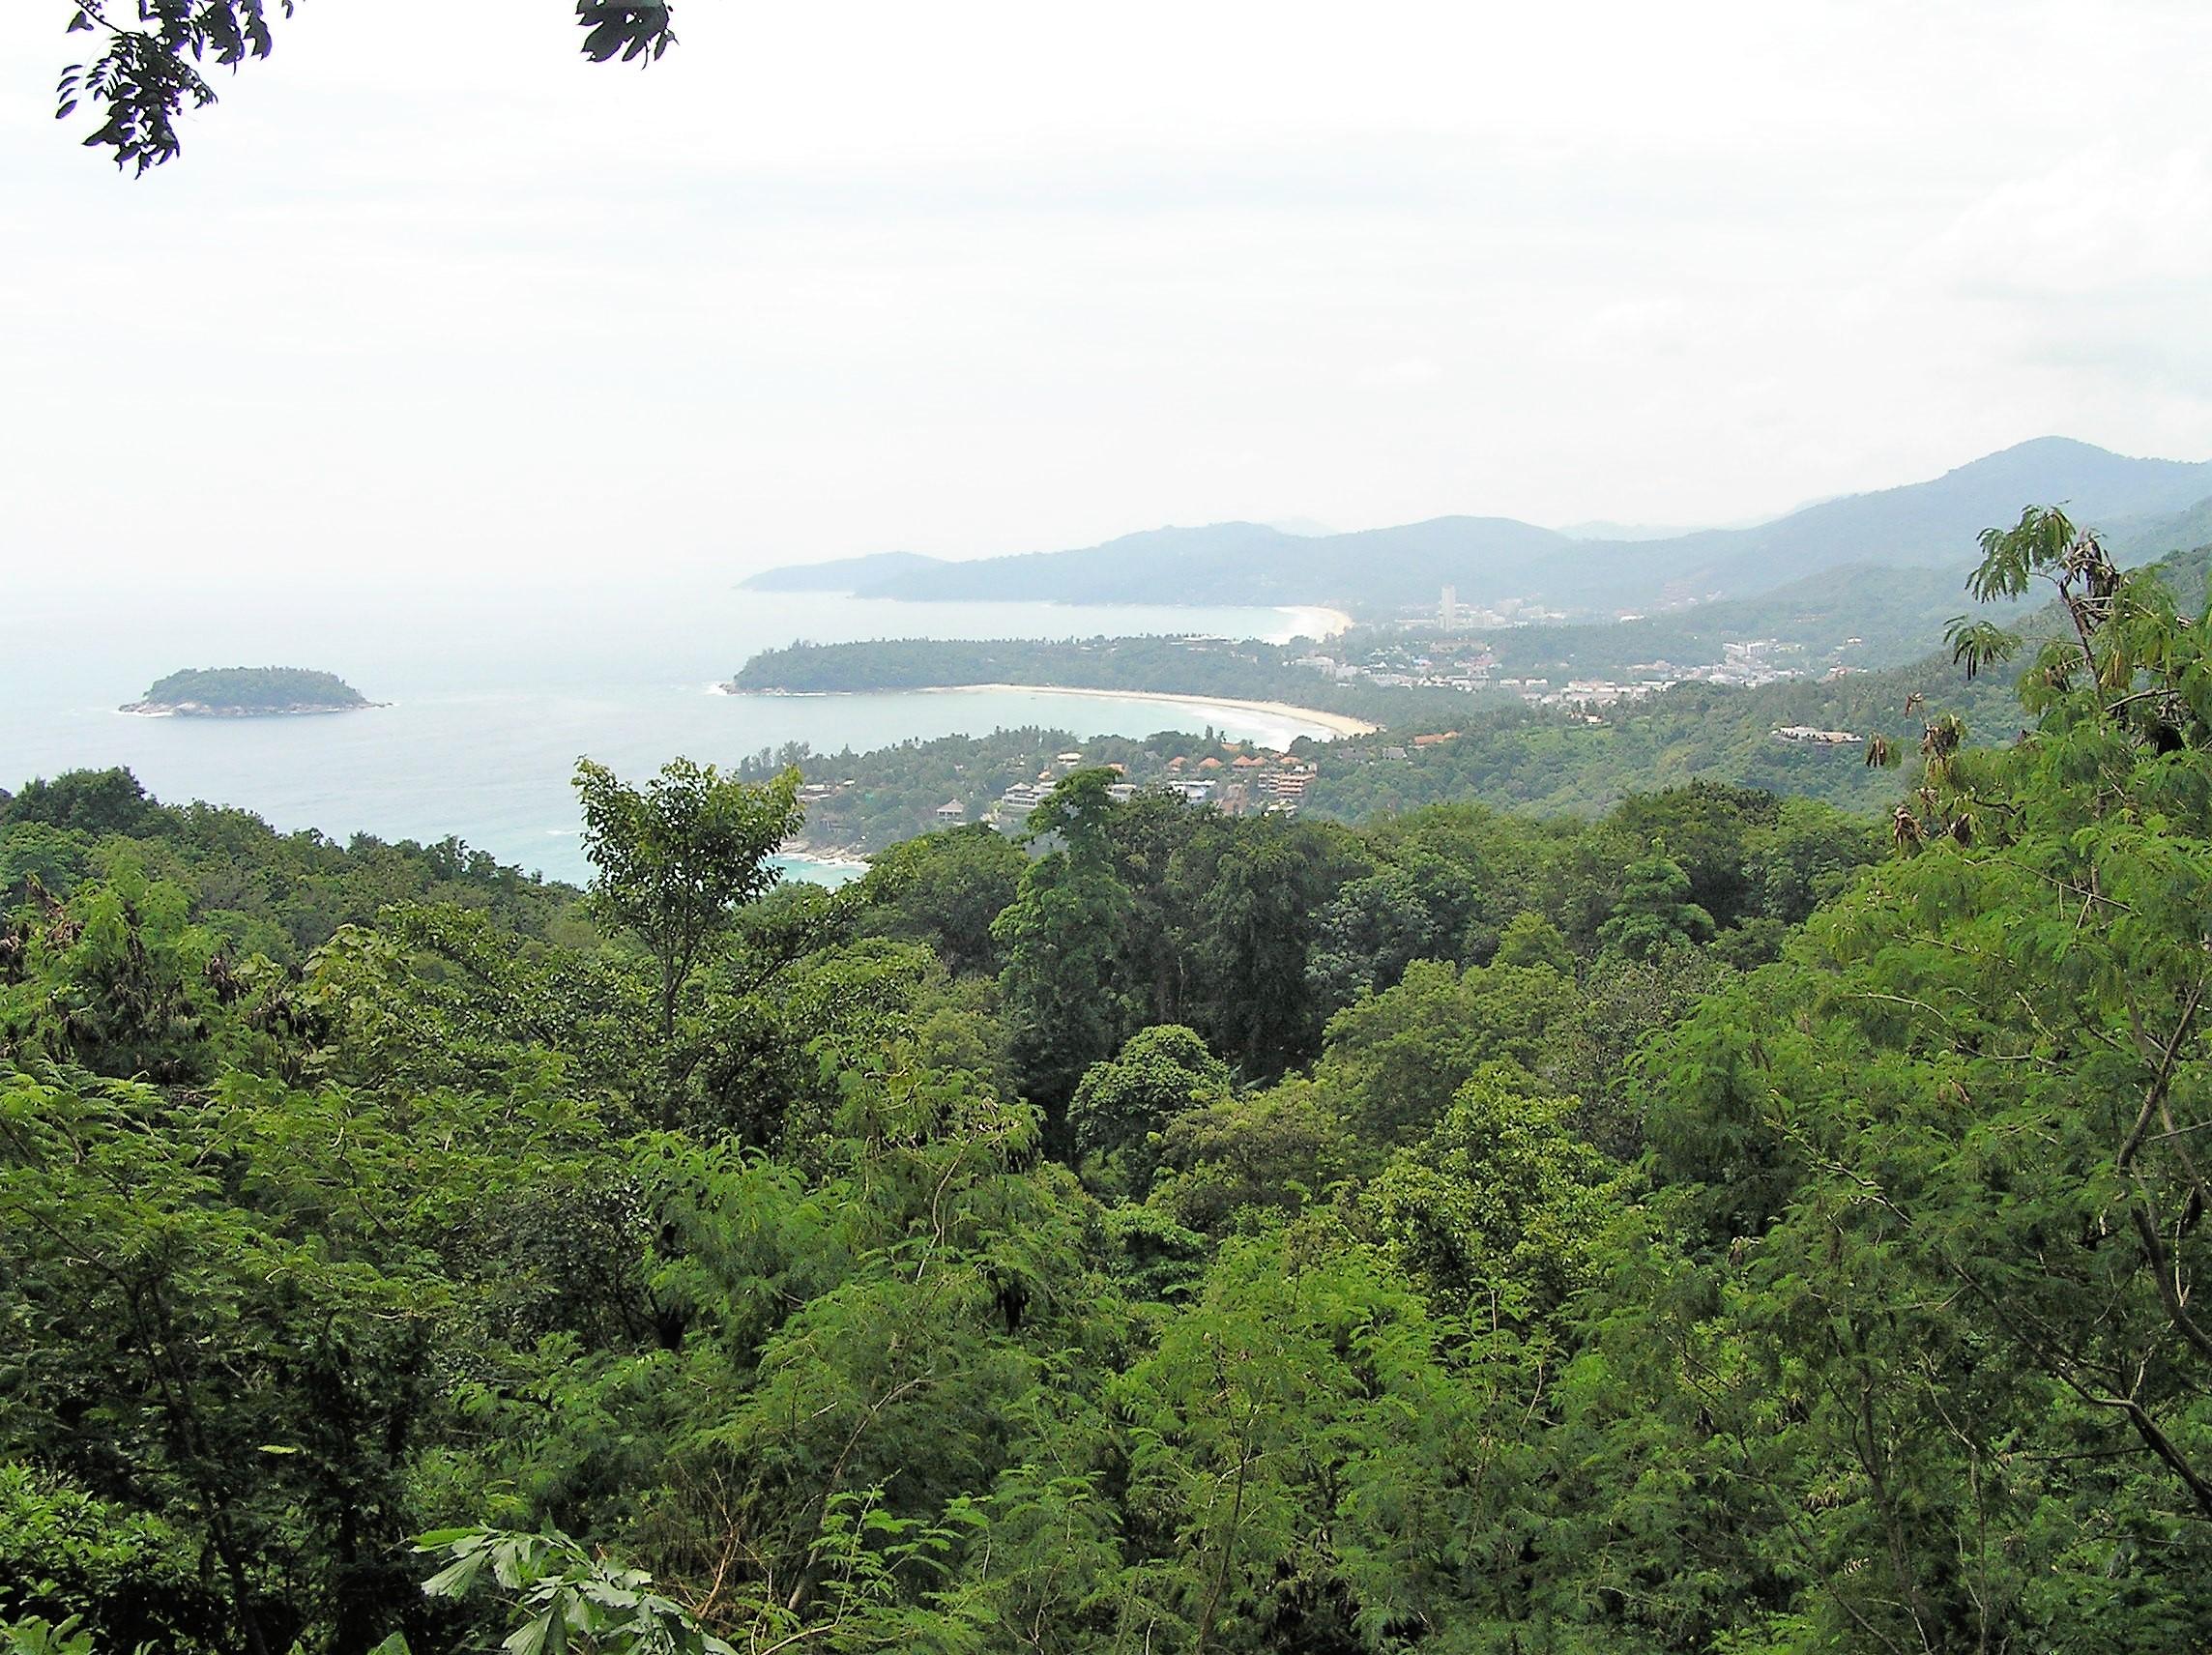 The three beaches of Phuket